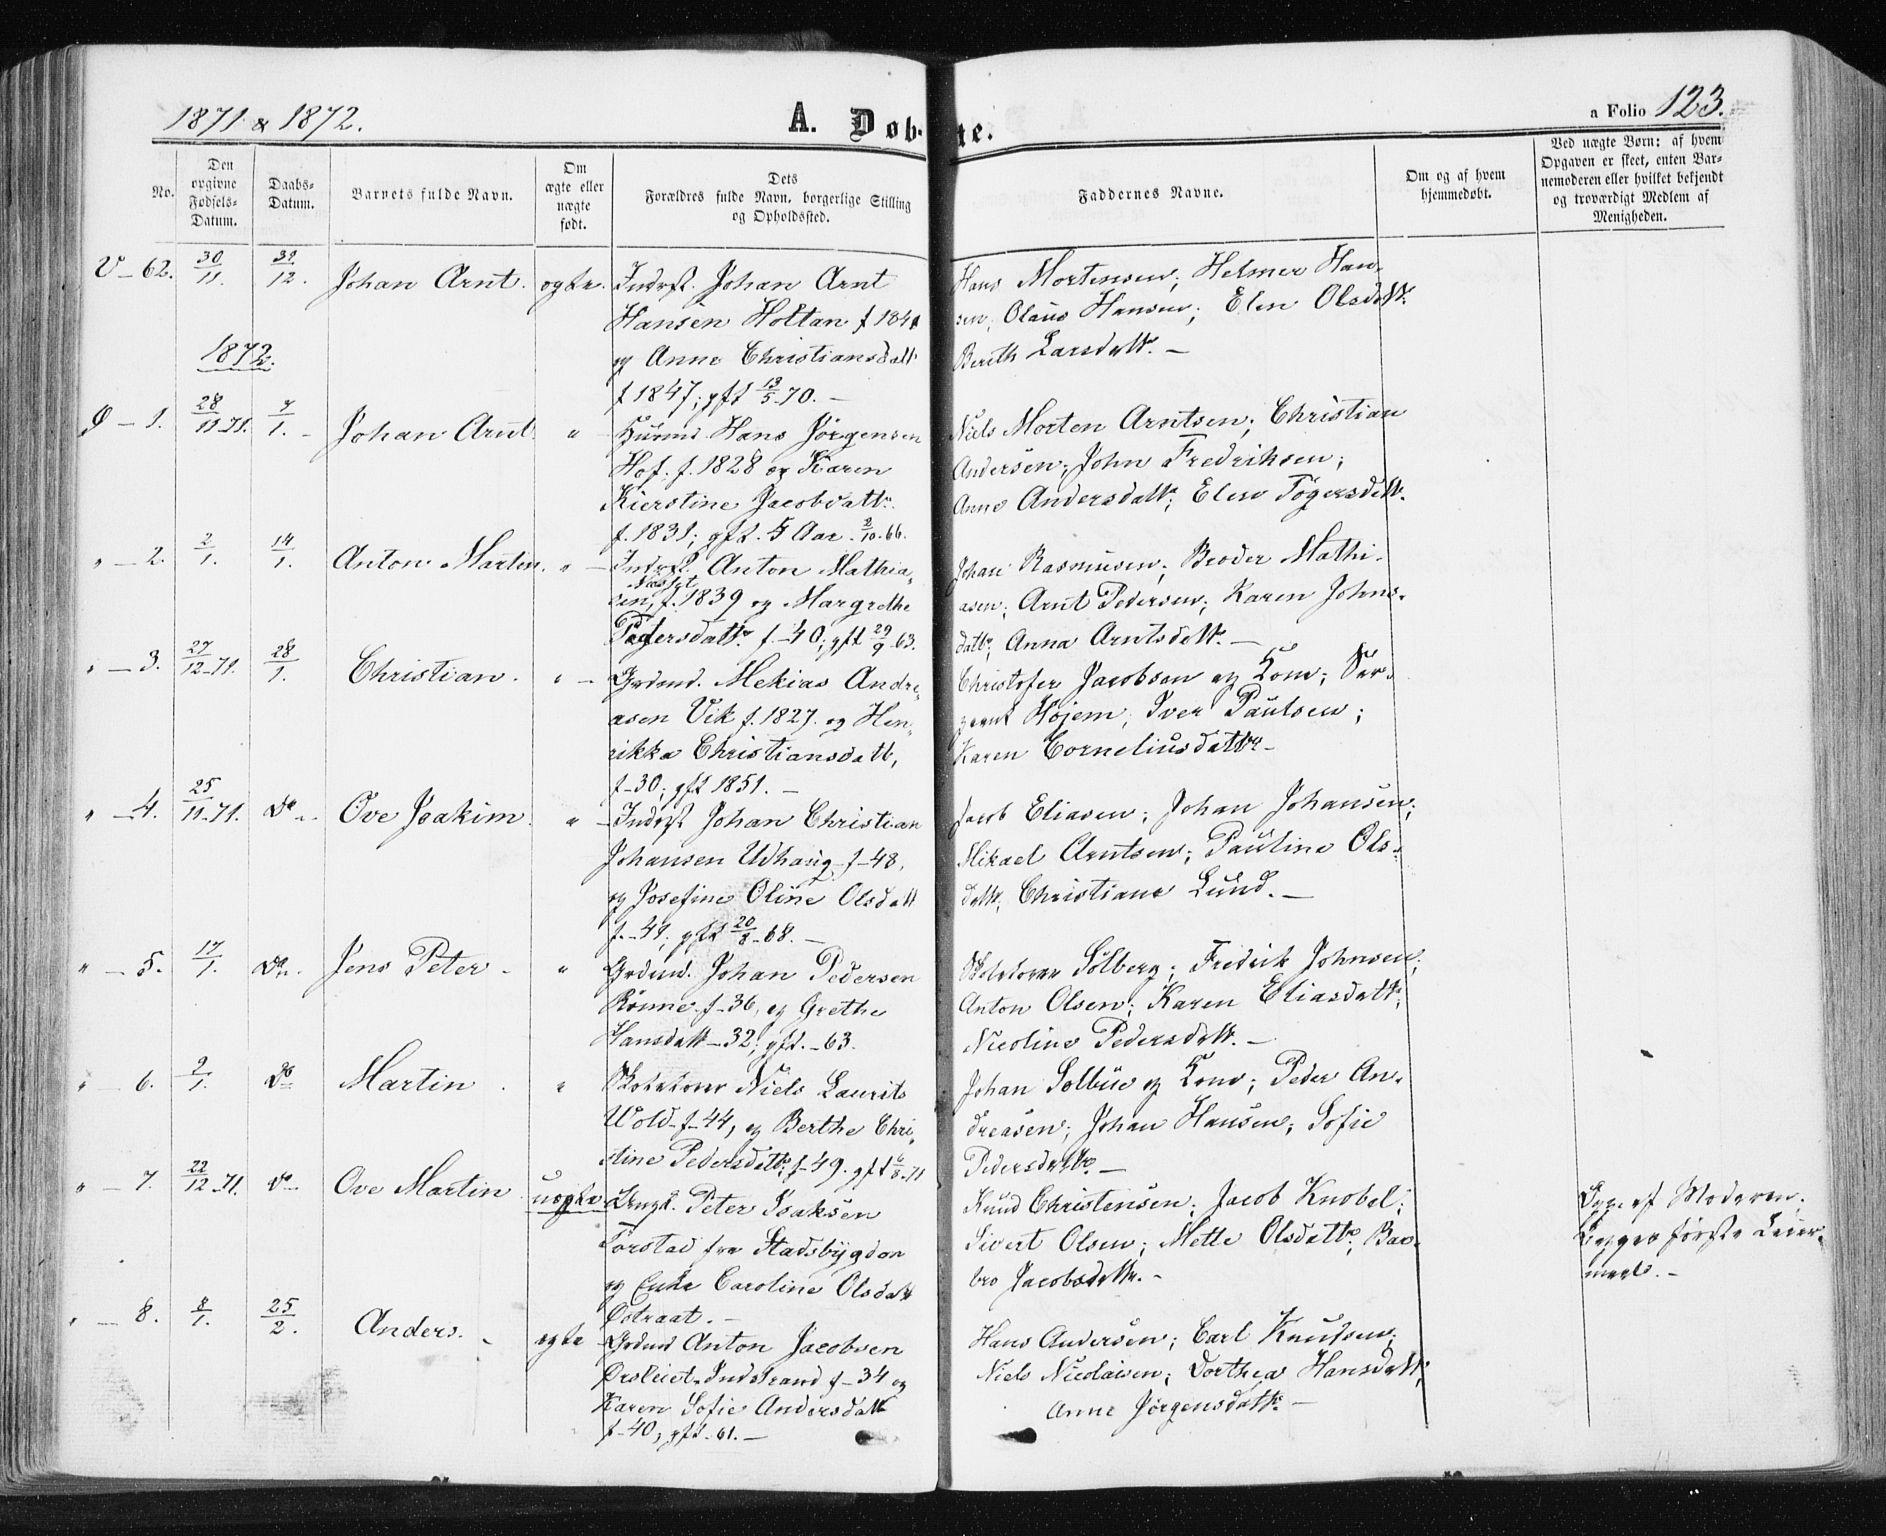 SAT, Ministerialprotokoller, klokkerbøker og fødselsregistre - Sør-Trøndelag, 659/L0737: Ministerialbok nr. 659A07, 1857-1875, s. 123